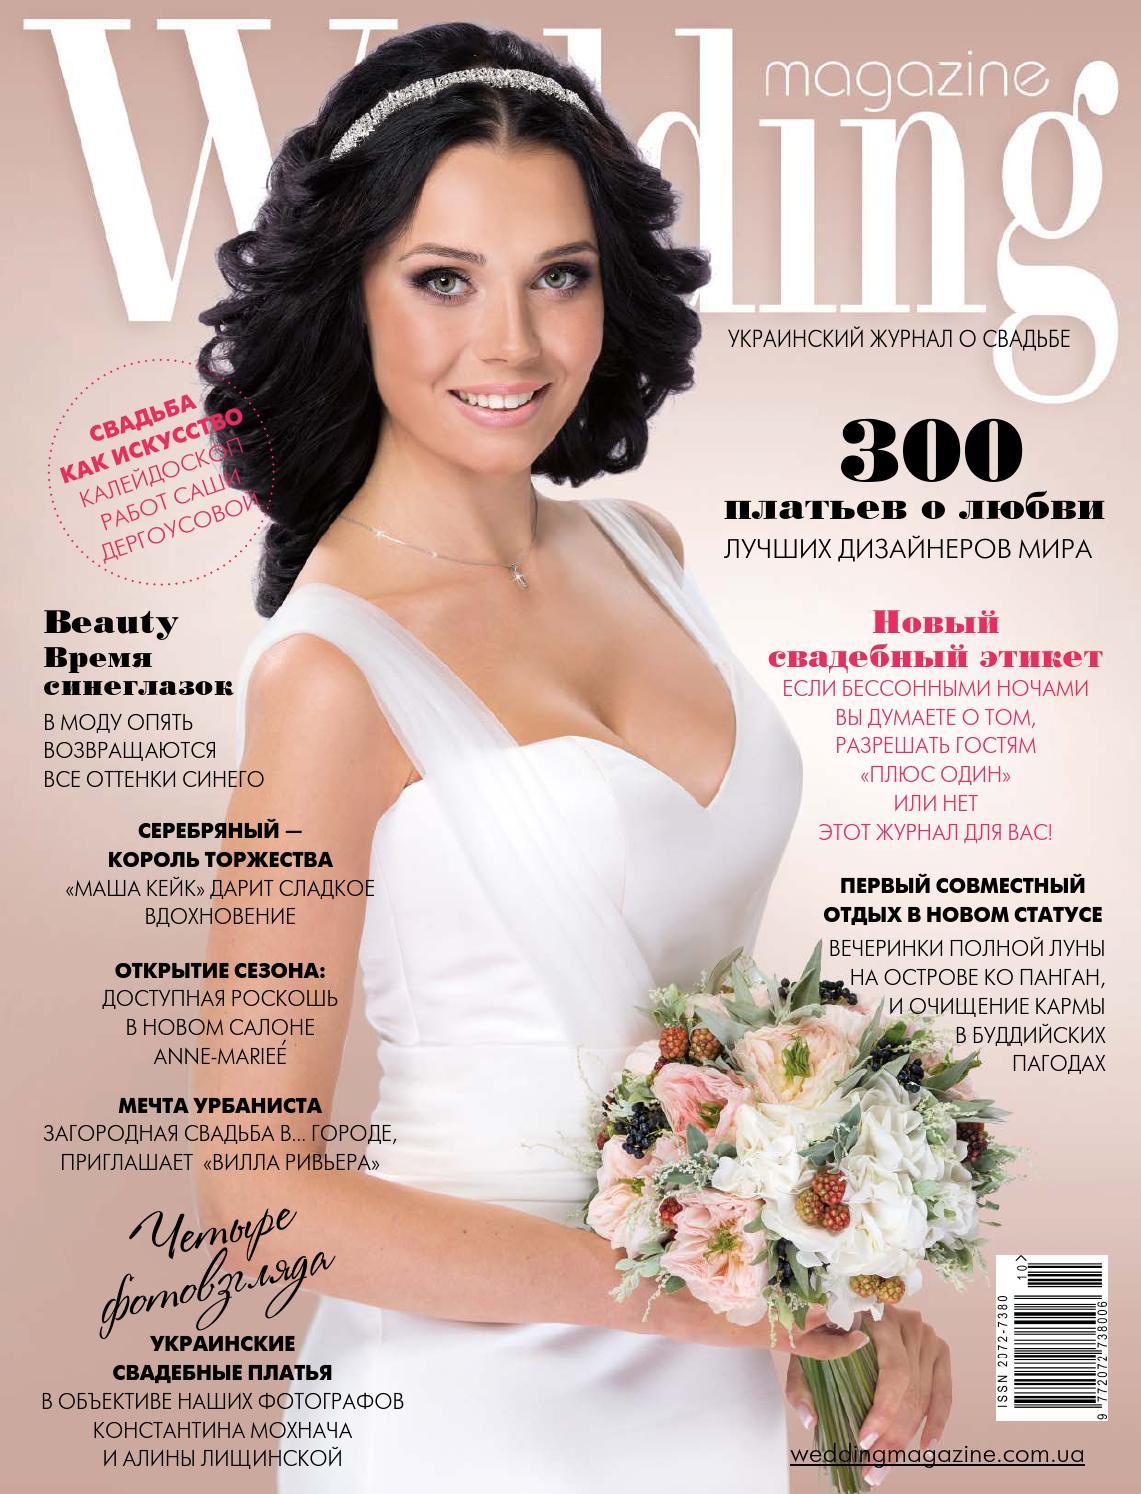 dc89ff9b4097 Wedding magazine  3 2014 by Magazine Wedding - issuu